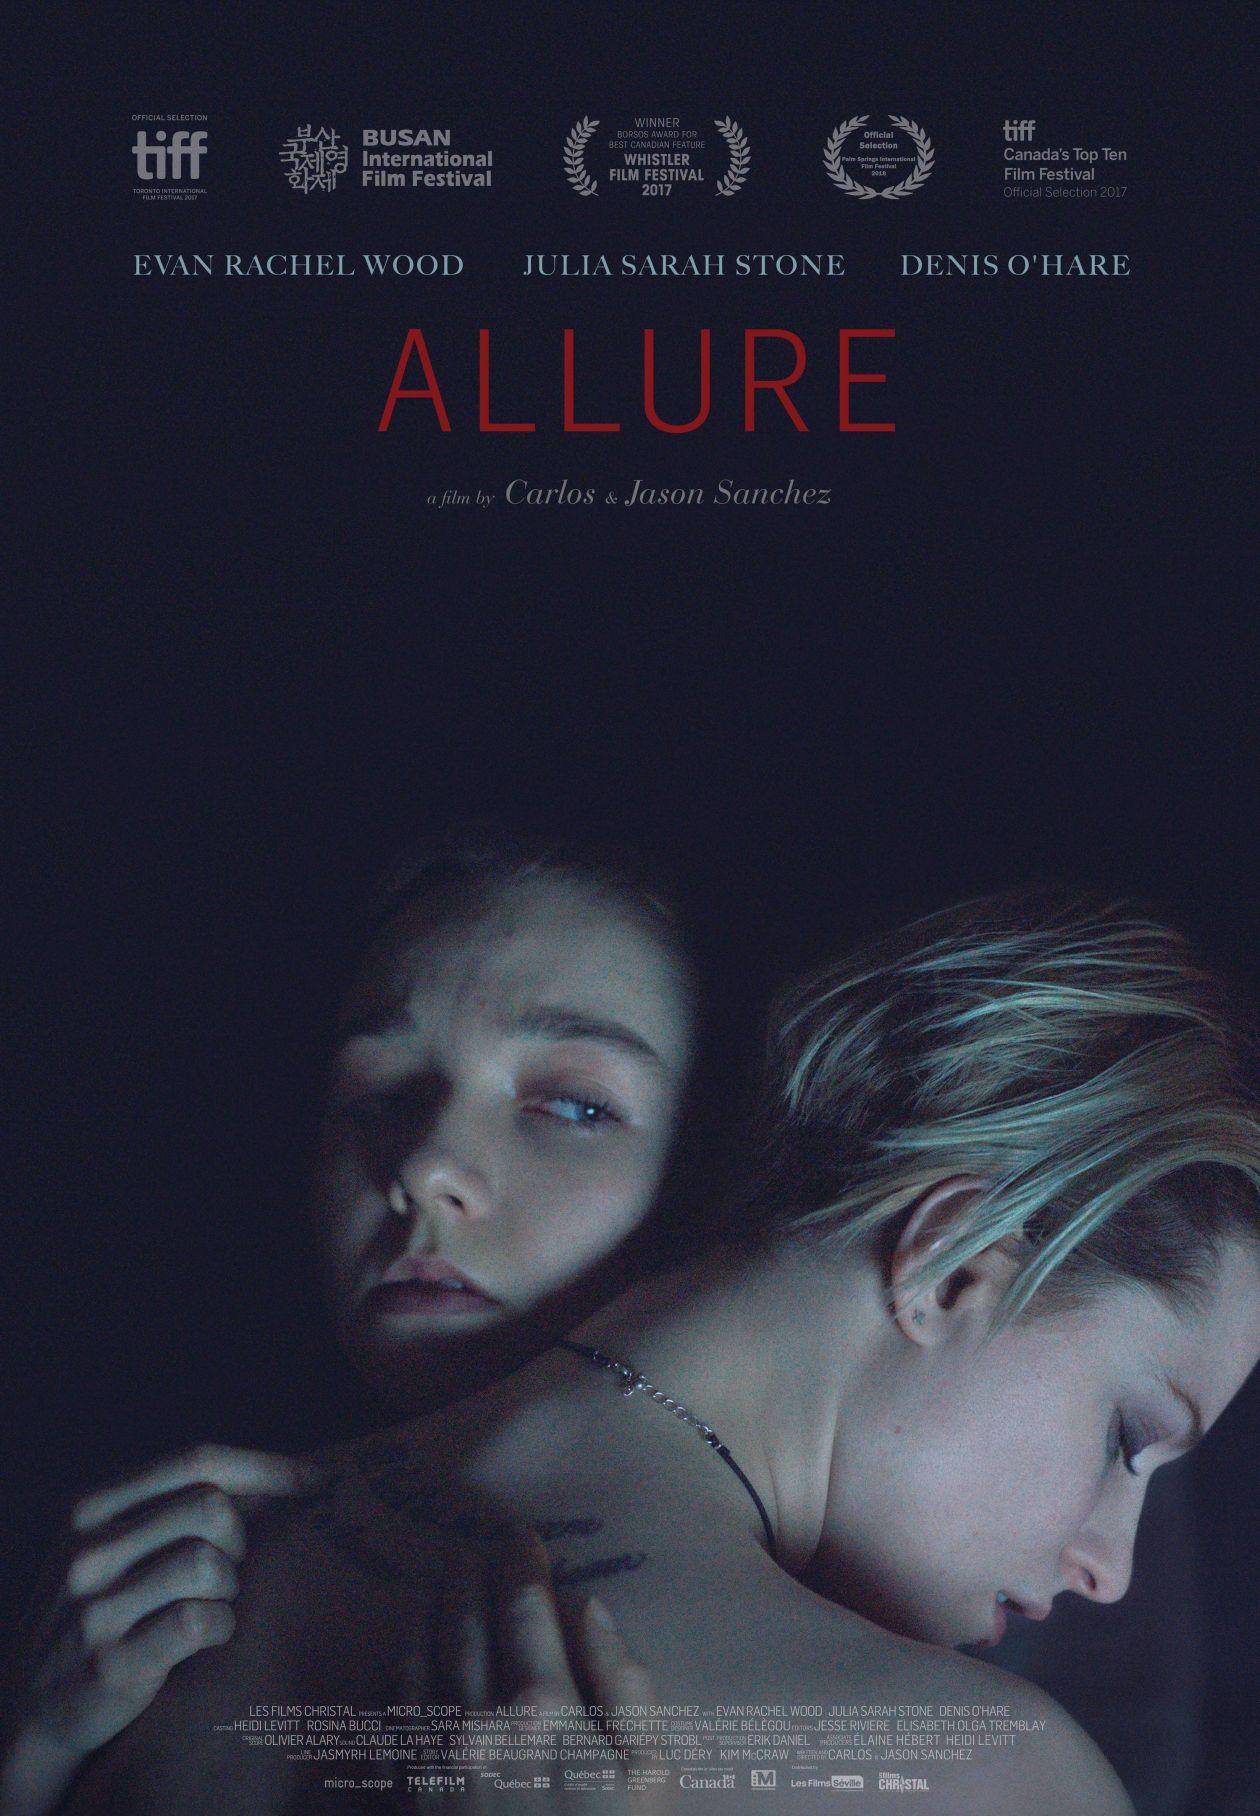 Evan Rachel Wood / Julia Sarah Stone actresses | Allure / Carlos Sanchez, Jason Sanchez 2017 / Movie Poster / Affiche film